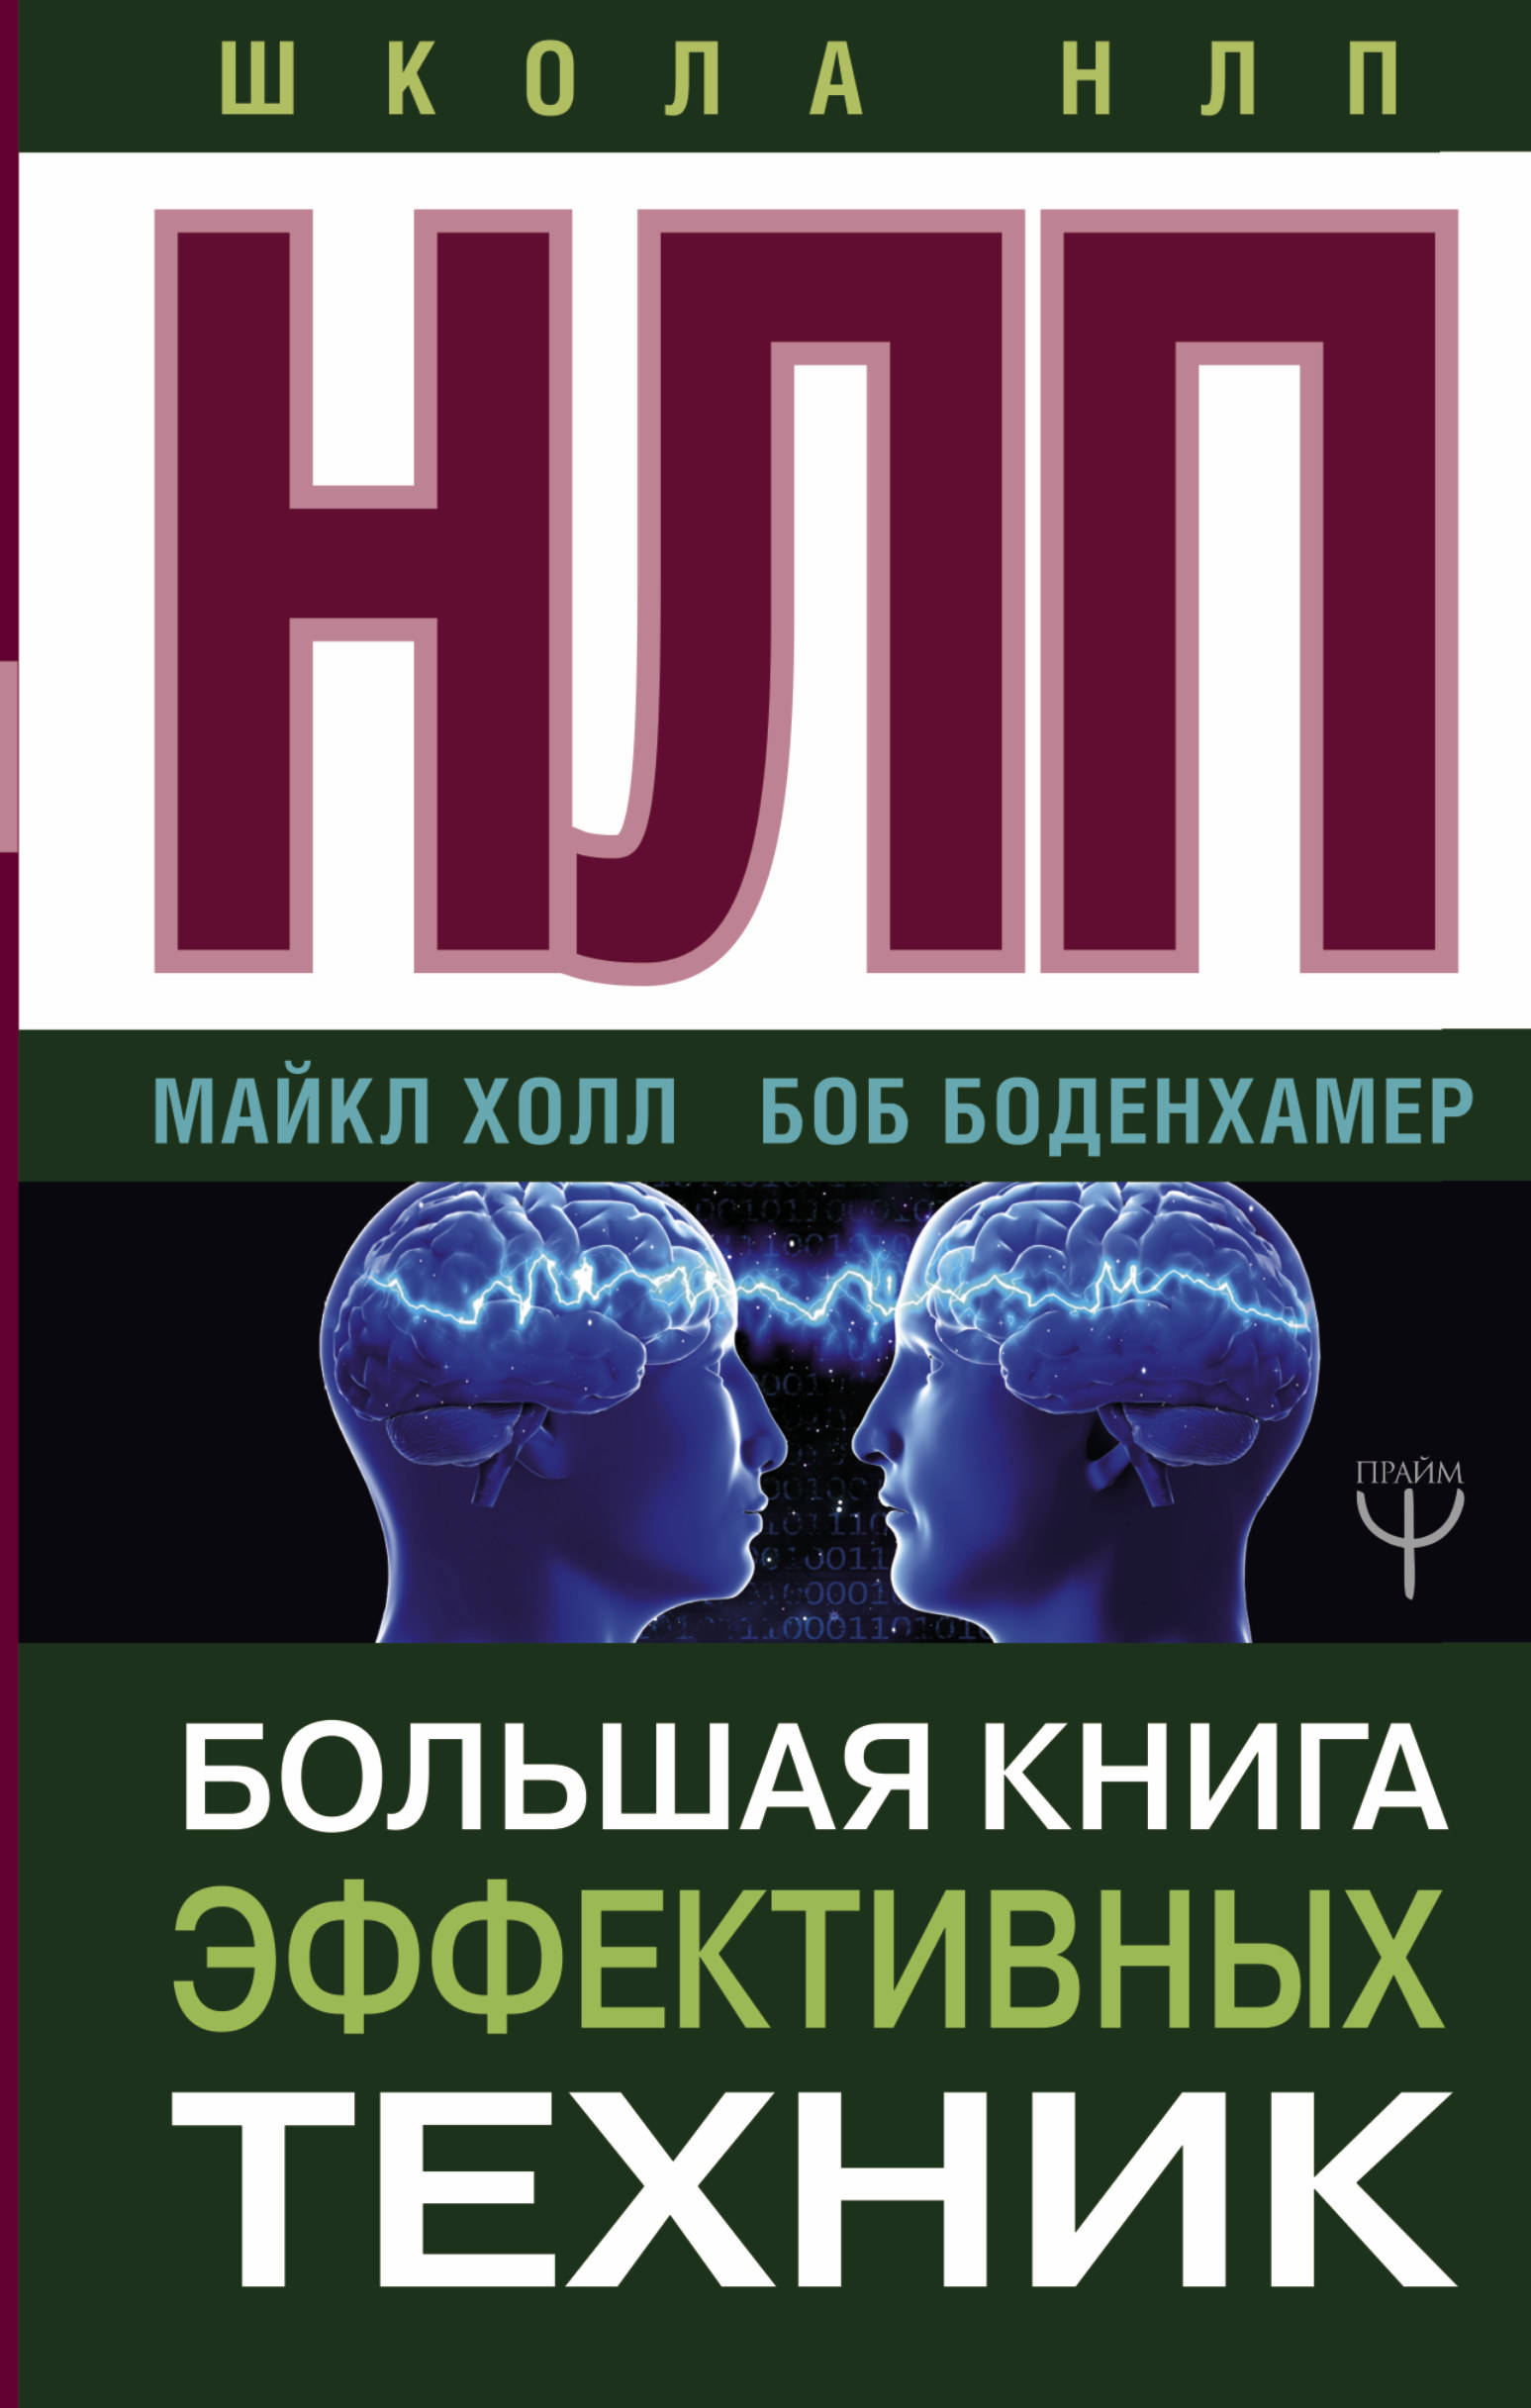 Майкл Холл, Боб Боденхамер НЛП. Большая книга эффективных техник